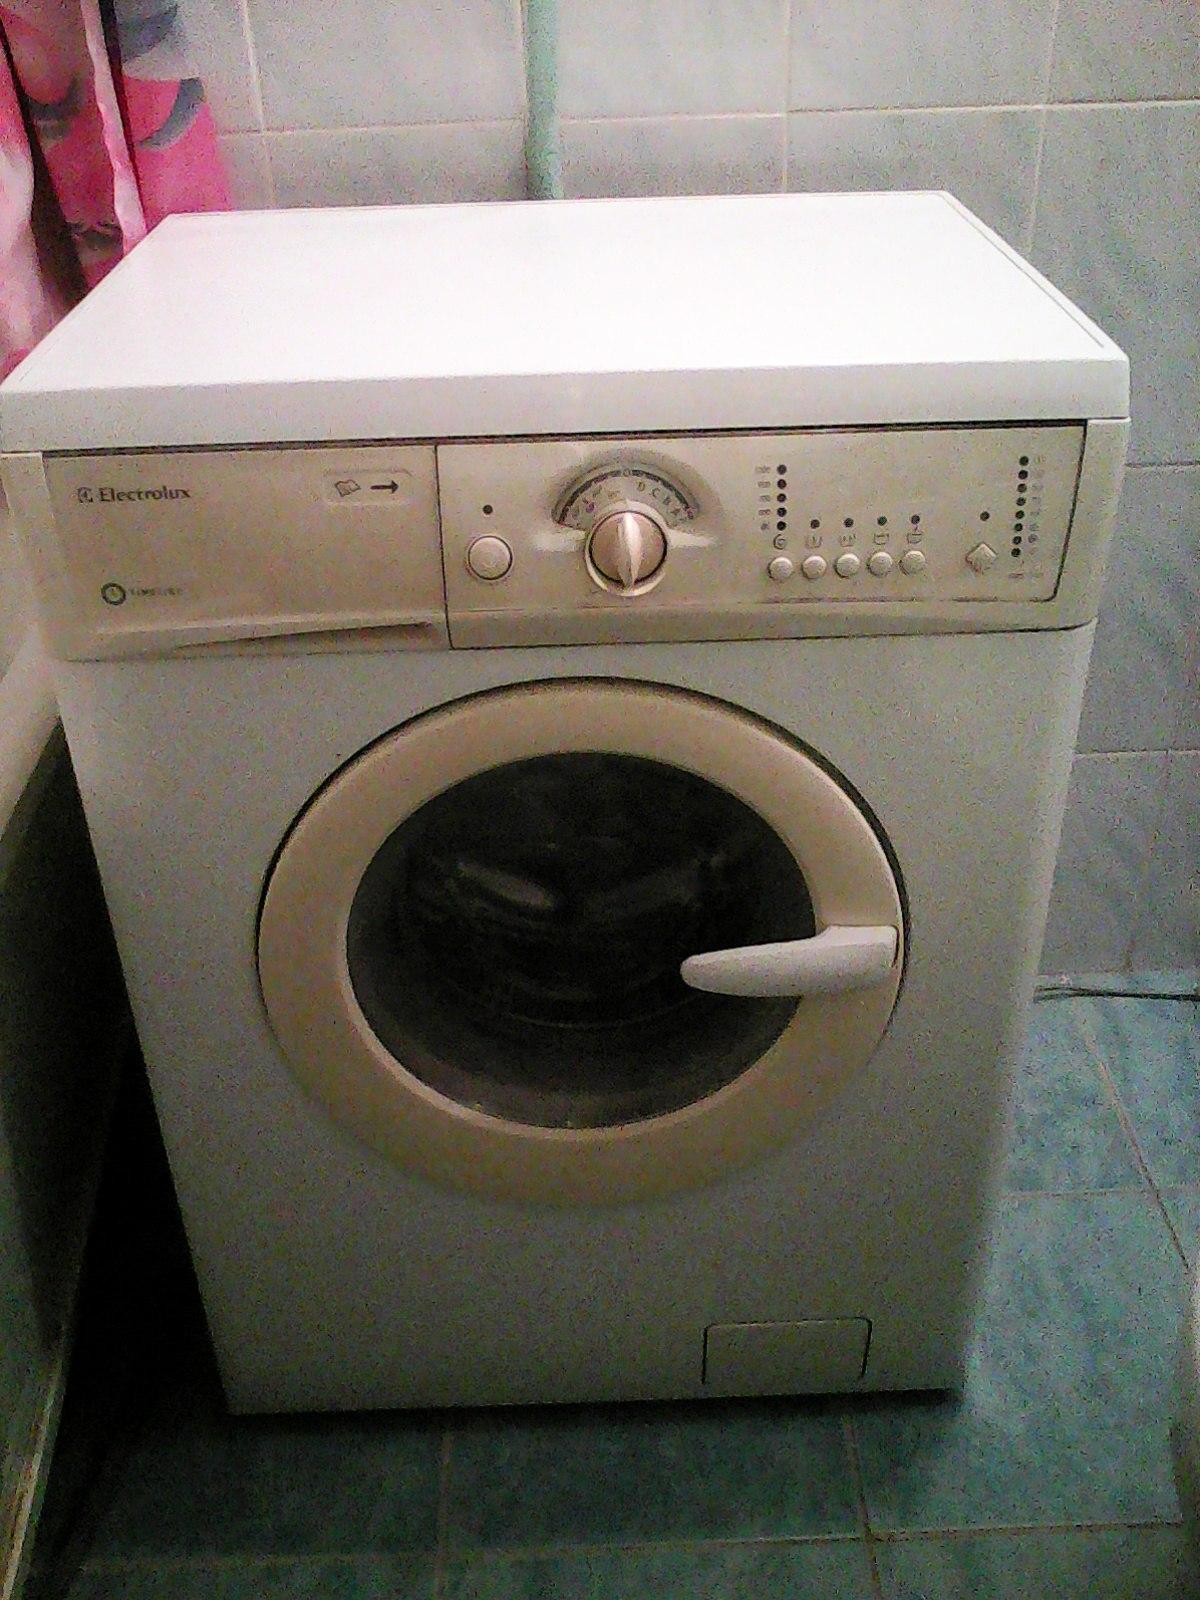 Автоматическая стиральная машина Electrolux EWS 1020